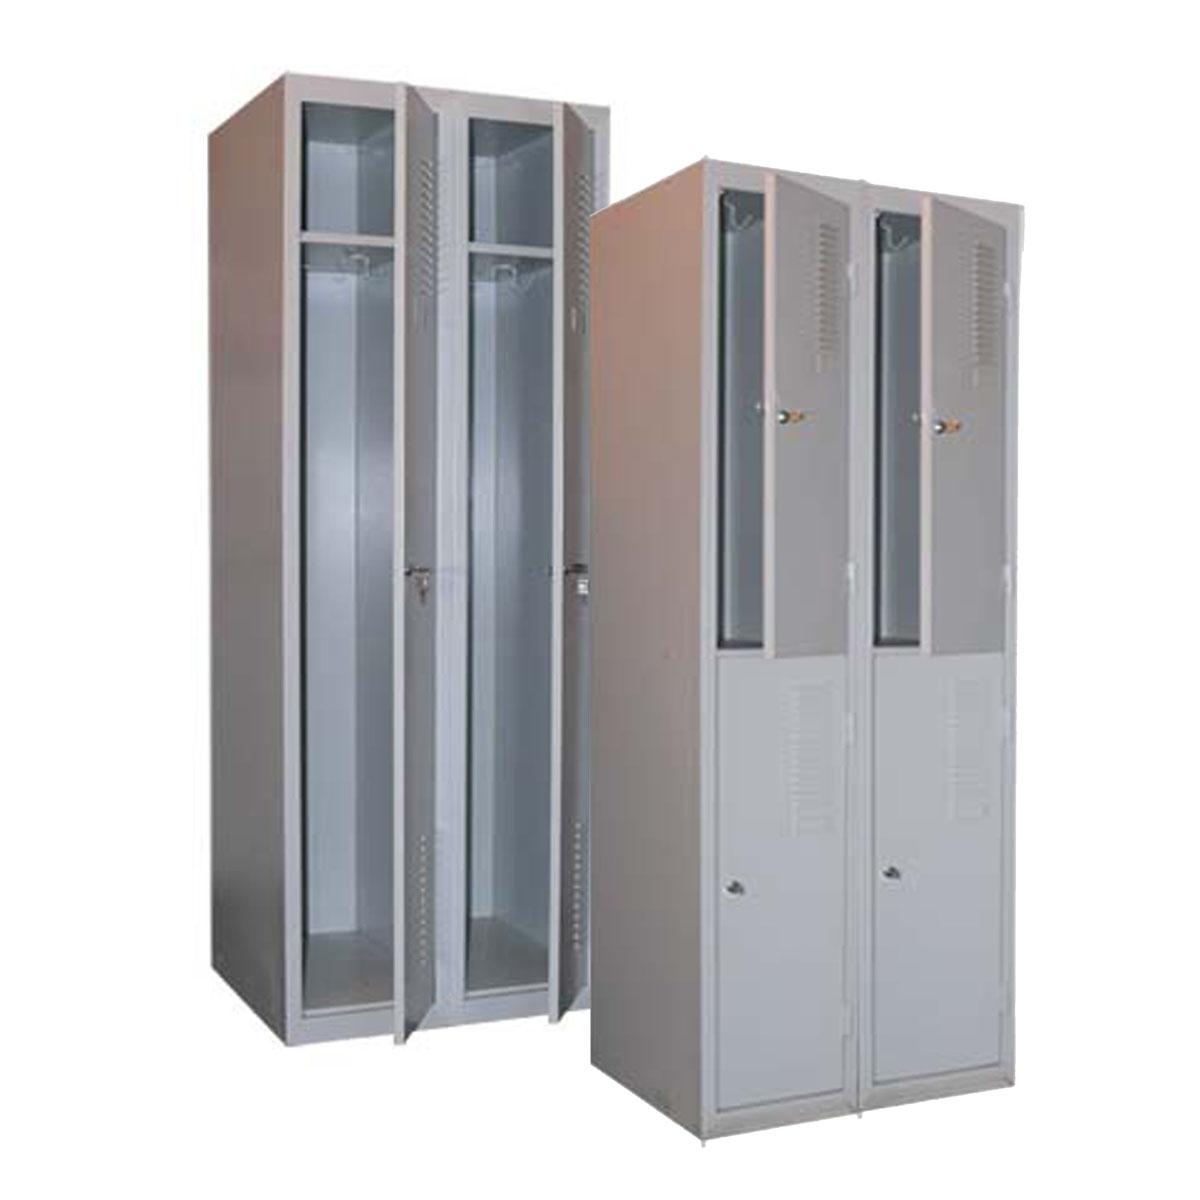 шафи для роздягалень, шафи гардеробні, шафи для одягу, шафи для переодягання